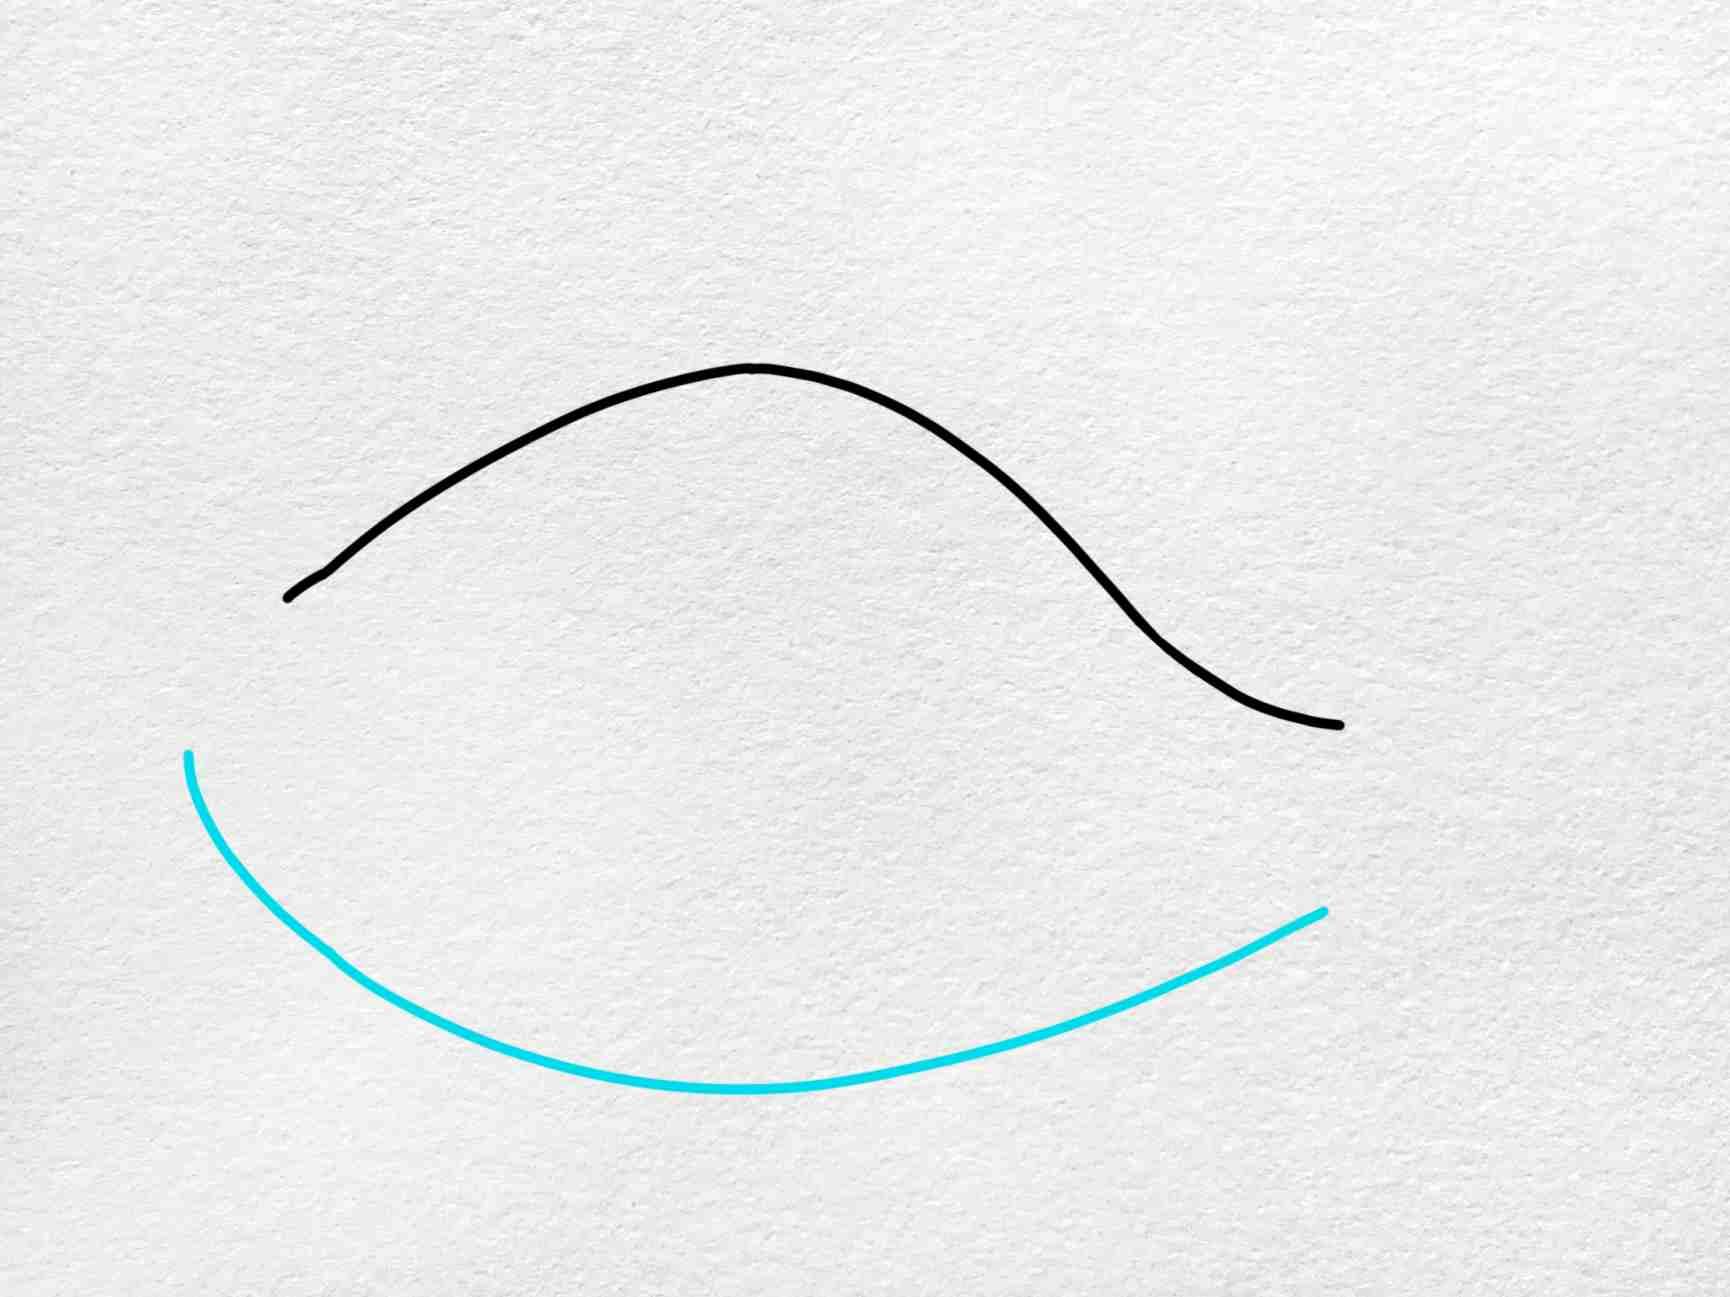 Angler Fish Drawing: Step 2